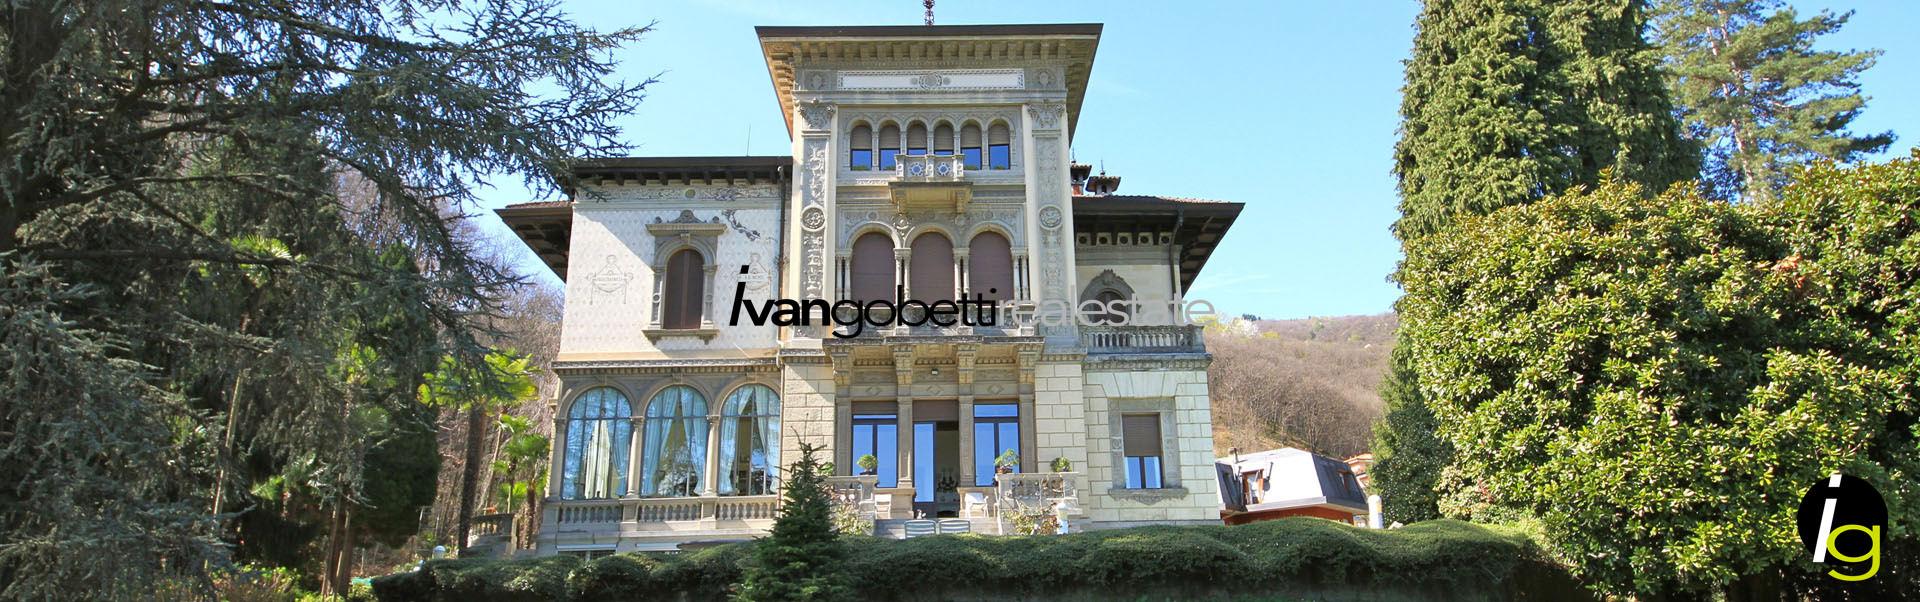 Maggiore See, Wohnung in Historische Villa zu verkaufen